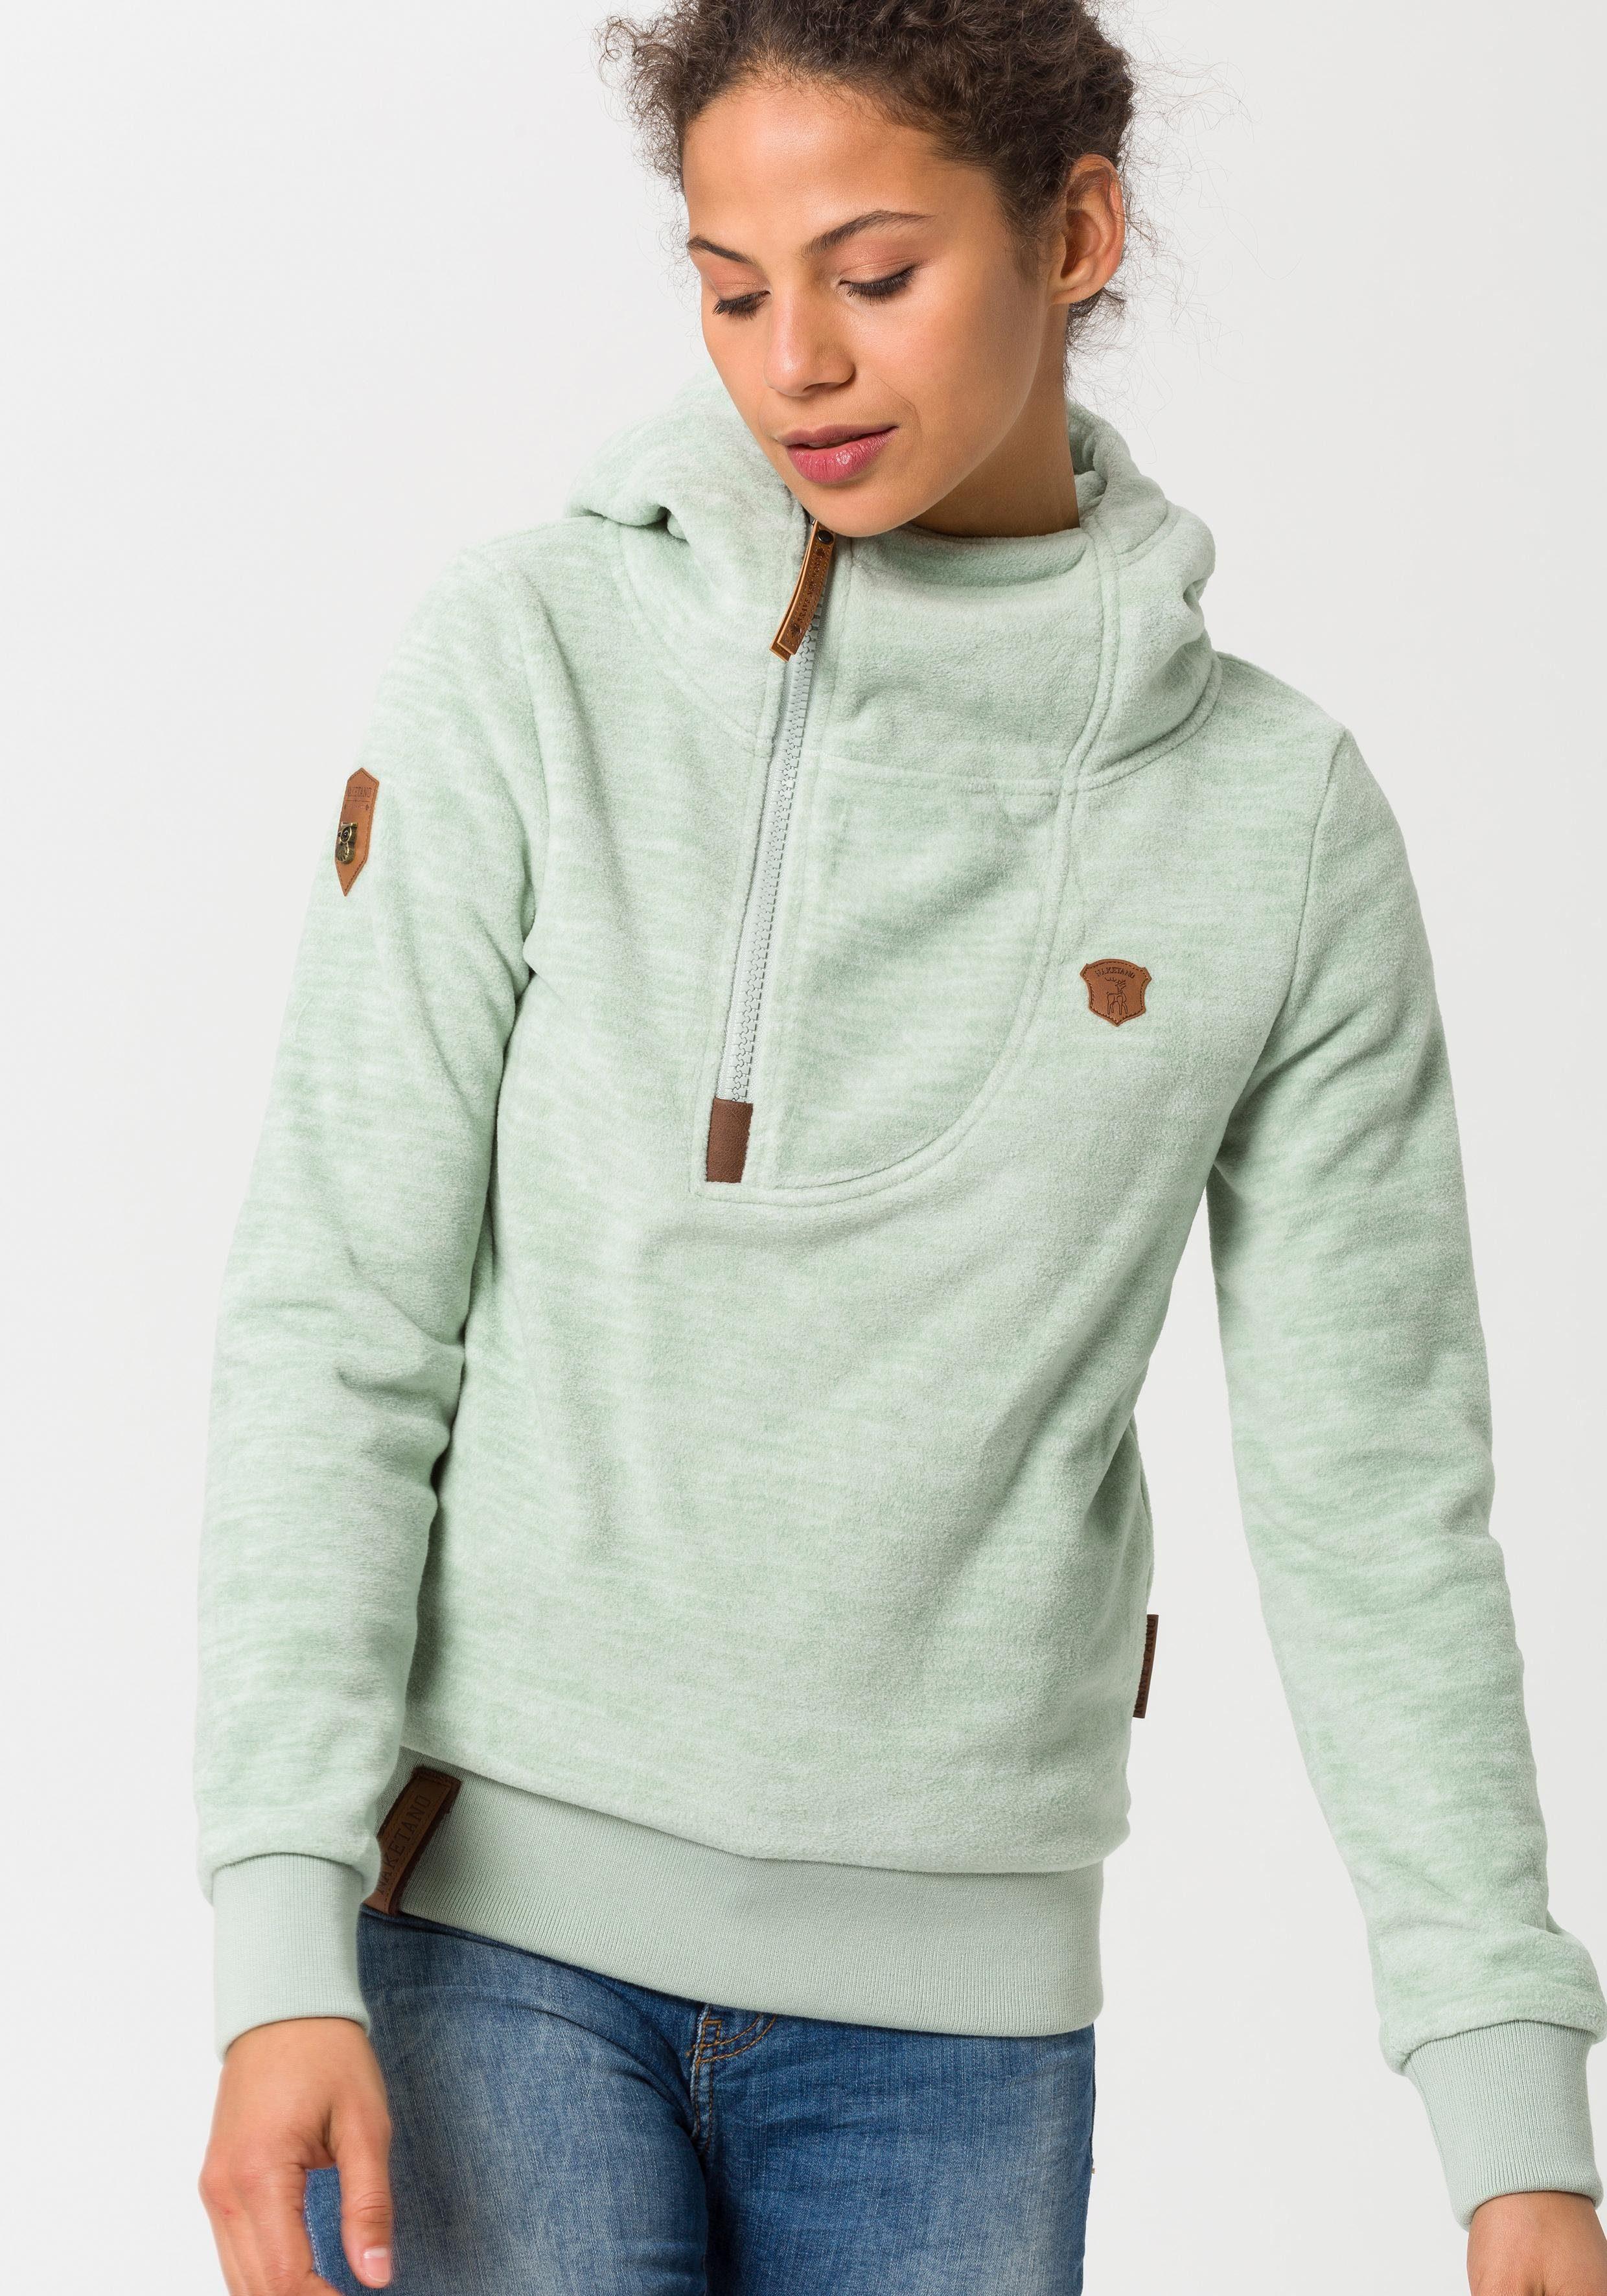 naketano Kapuzensweatshirt mit Kapuze, Weiche, wärmende Qualität online kaufen | OTTO